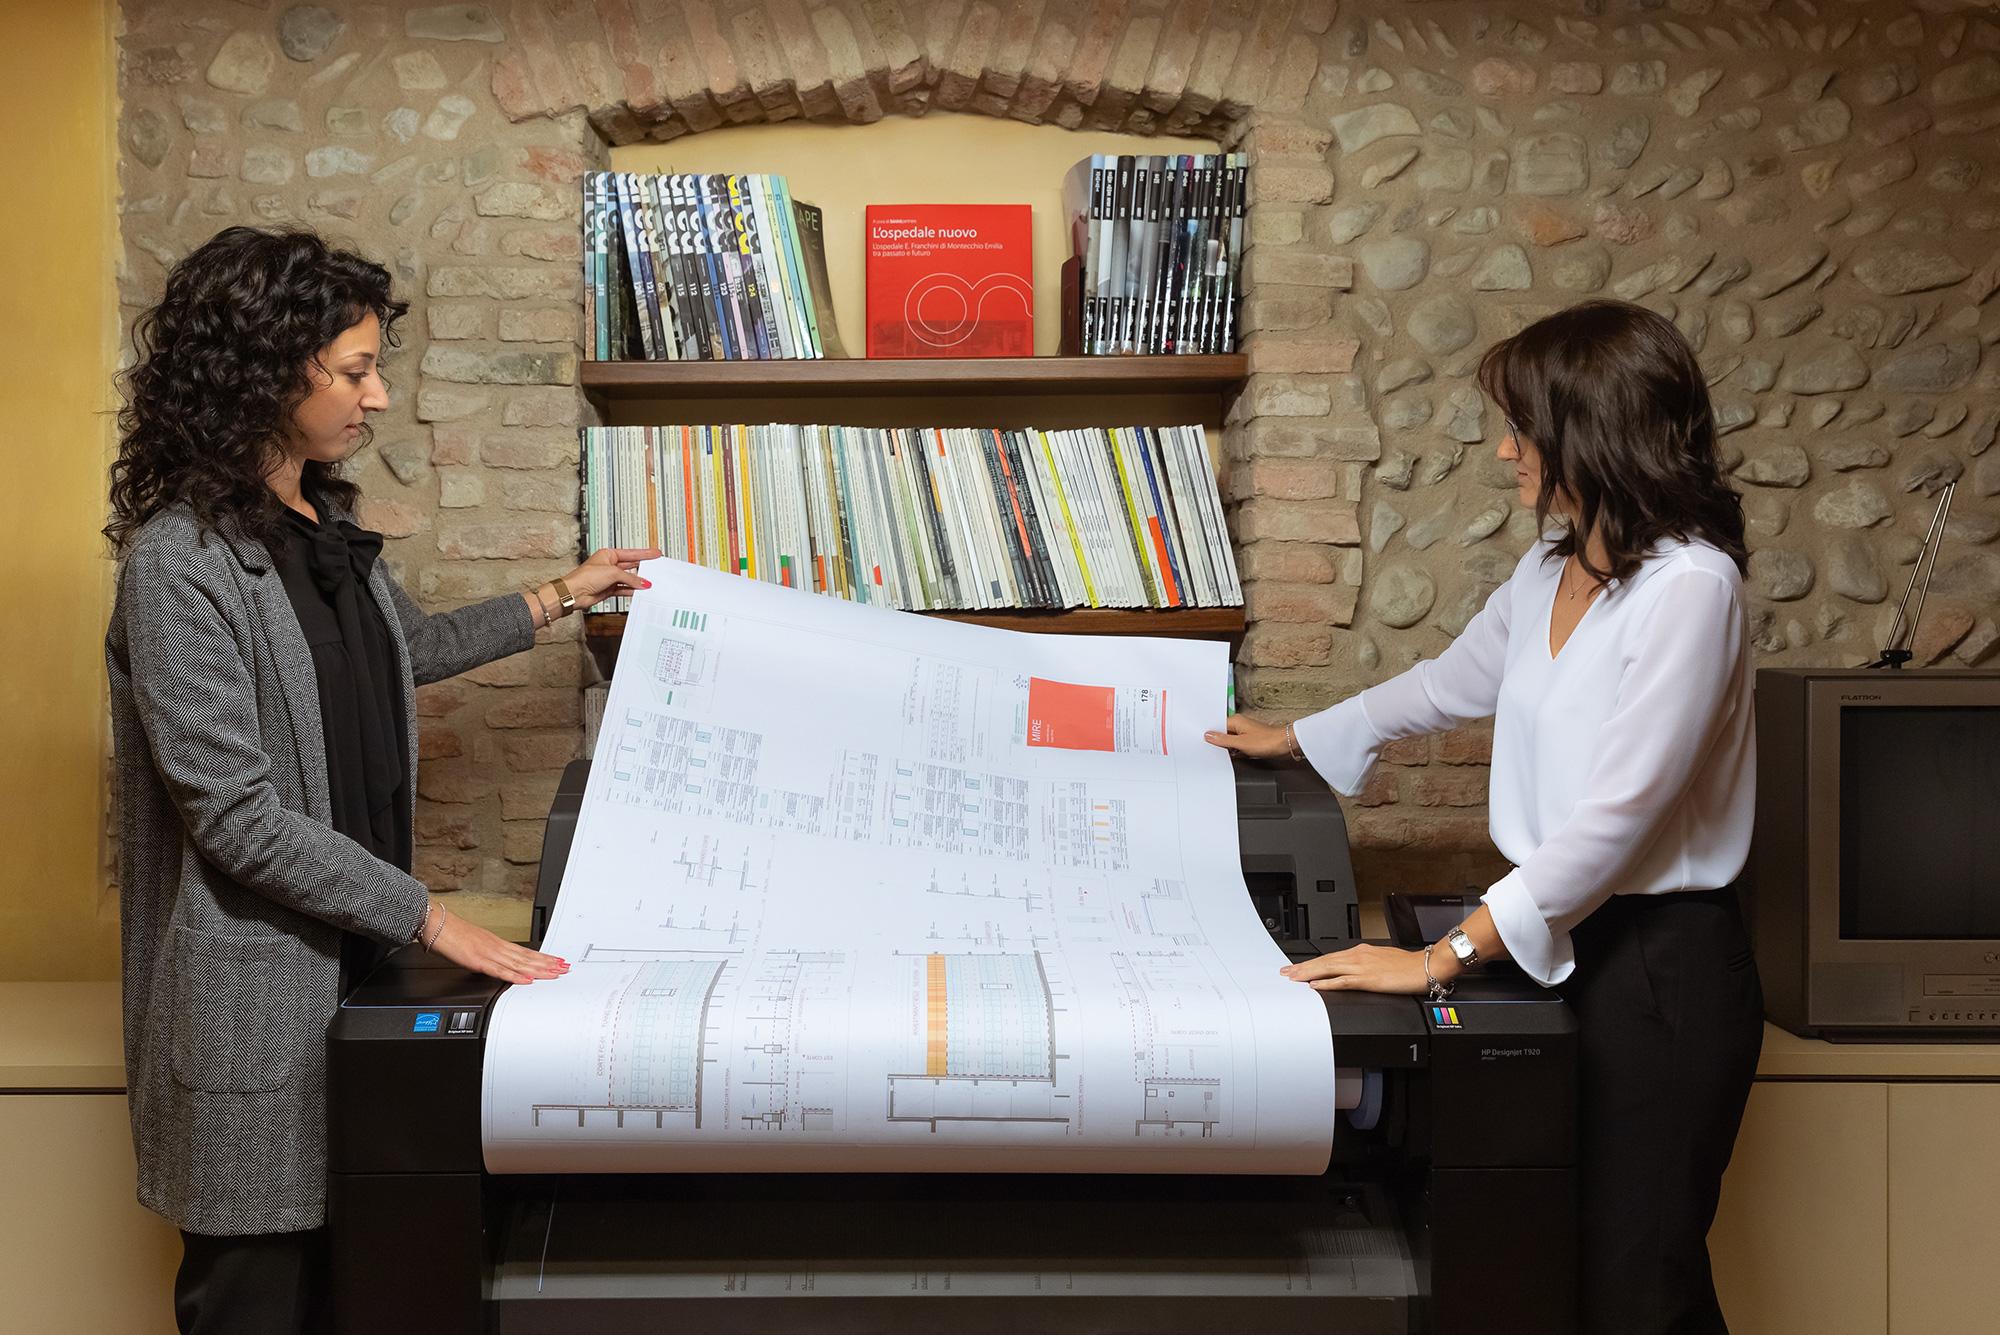 Architetto Elena Terenziani, Ingegnere Ed Architetto Lucia Foroni, Binini Partners , Società di architettura e ingegneria, Reggio Emilia, Italia